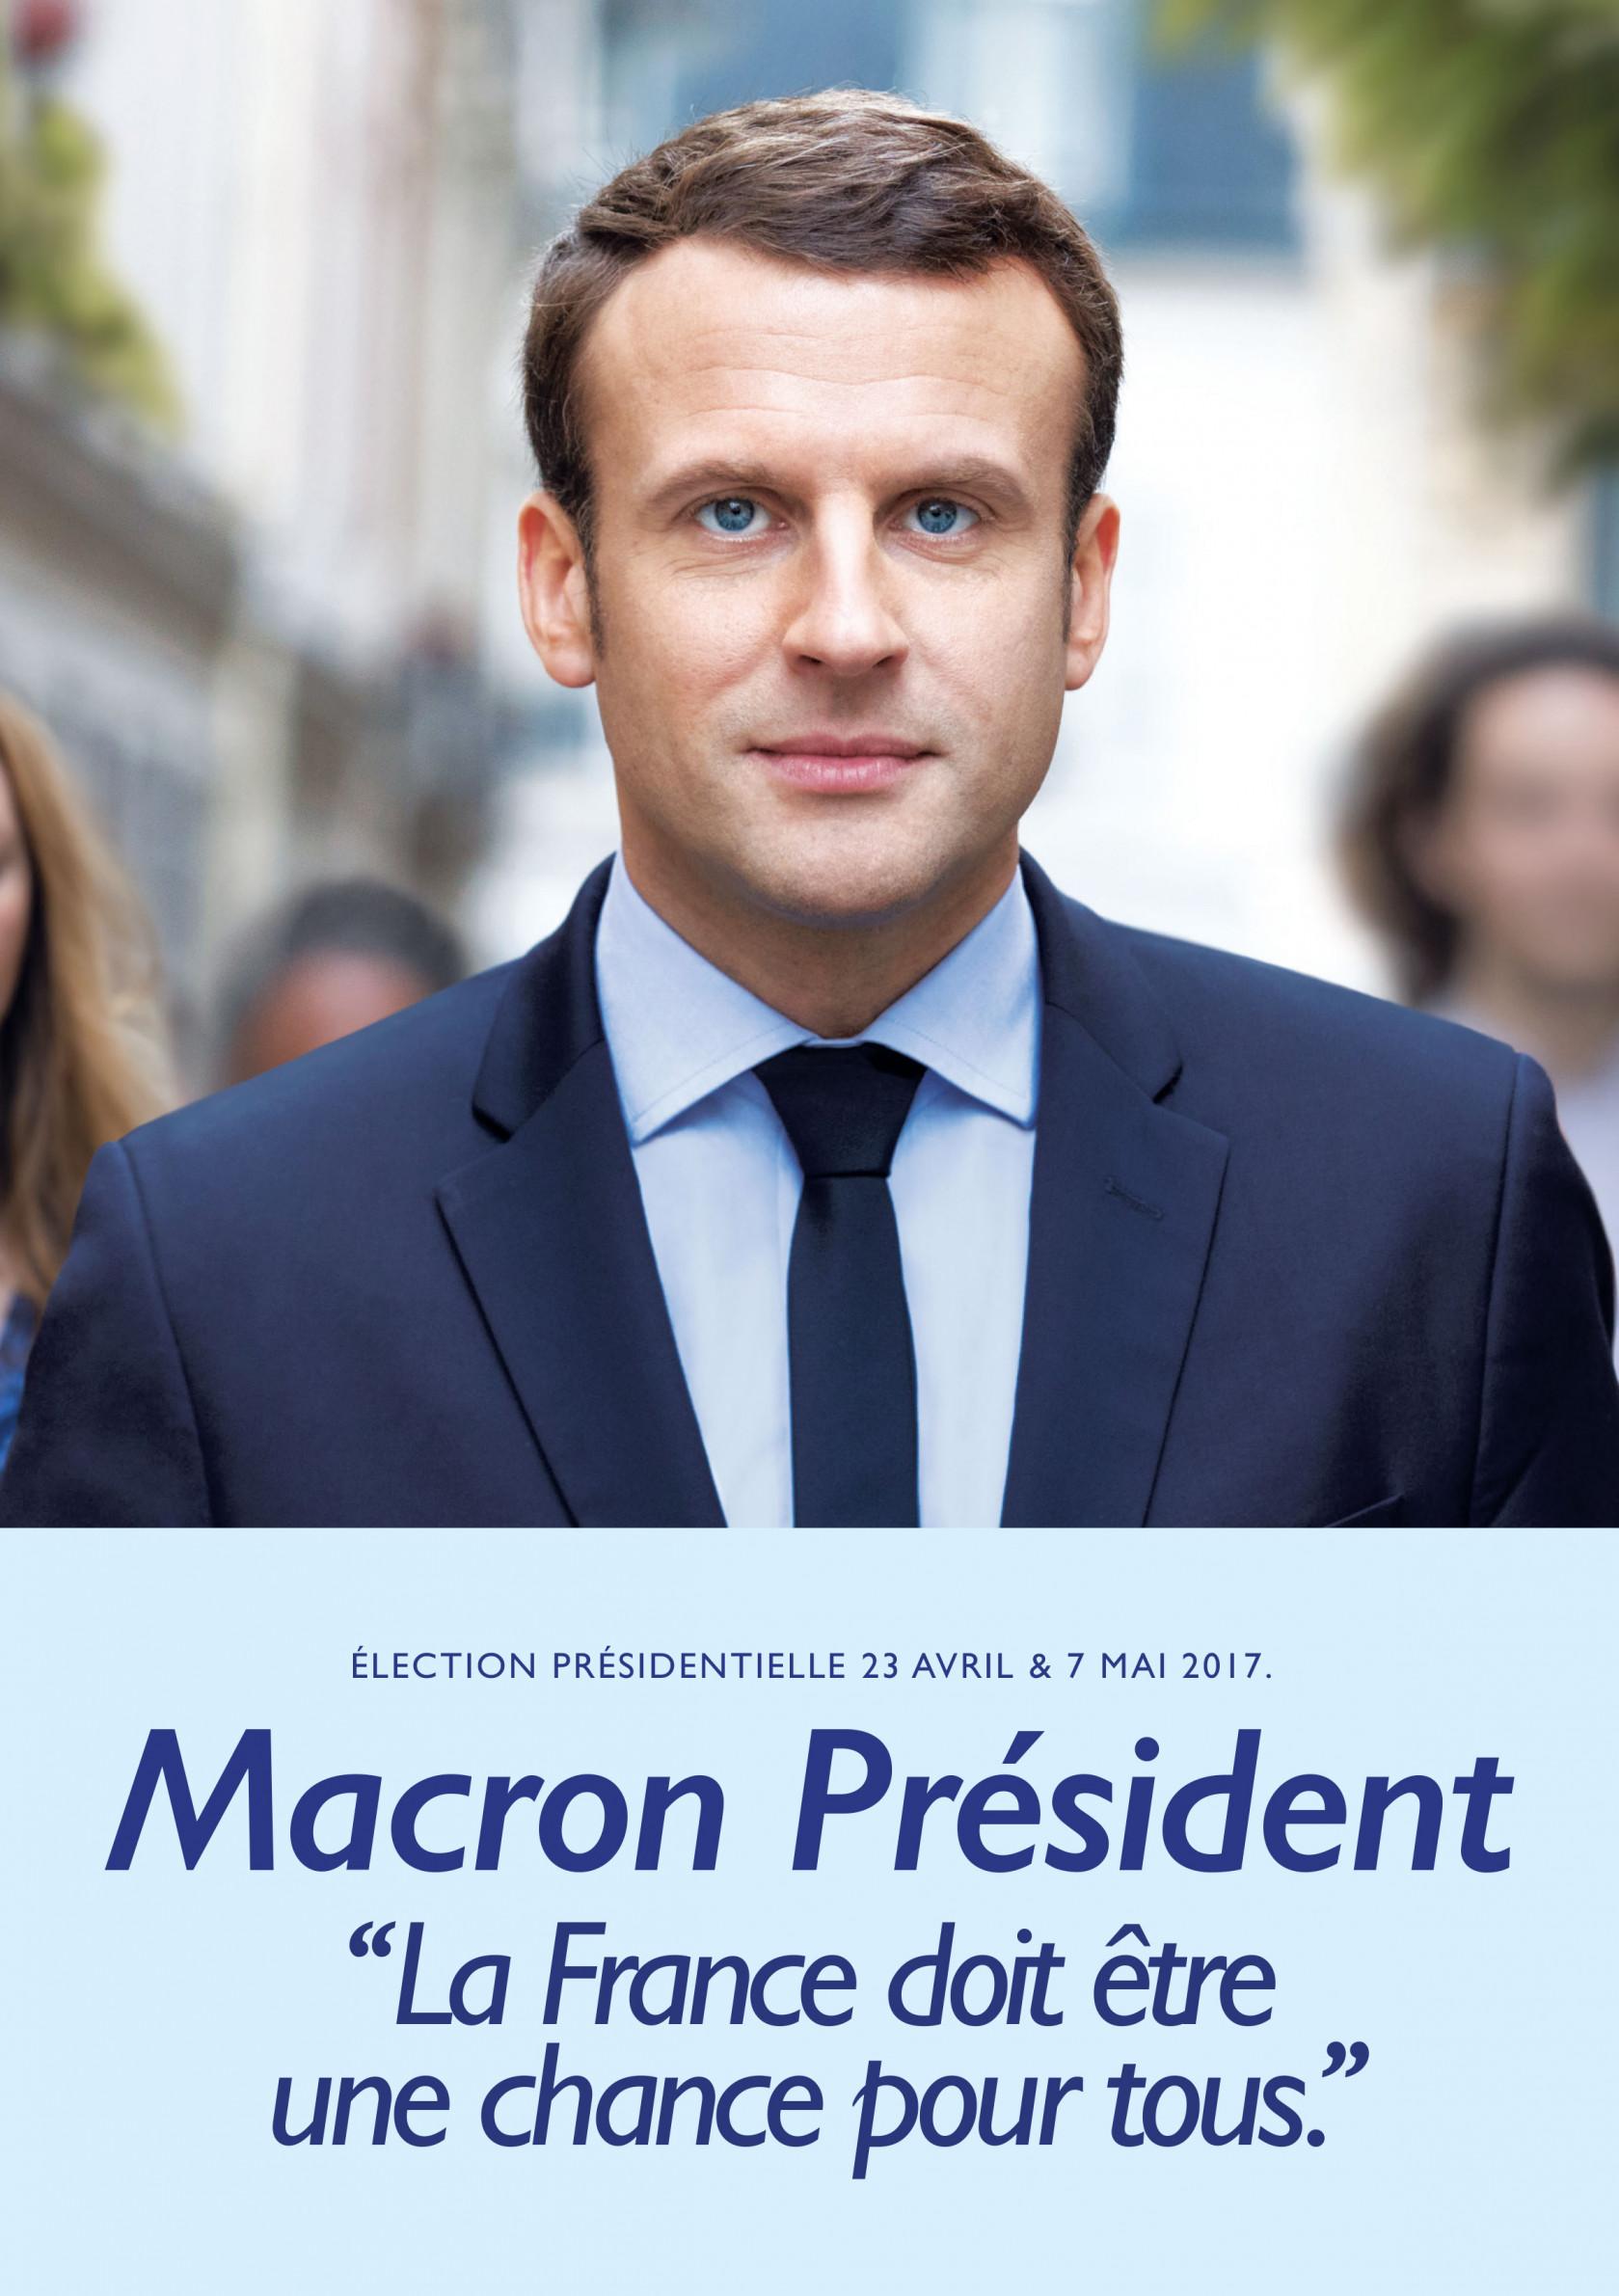 Un nouveau président… et maintenant ?  Affiche-campagne-macron-president-france-doit-etre-une-chance-pour-tous